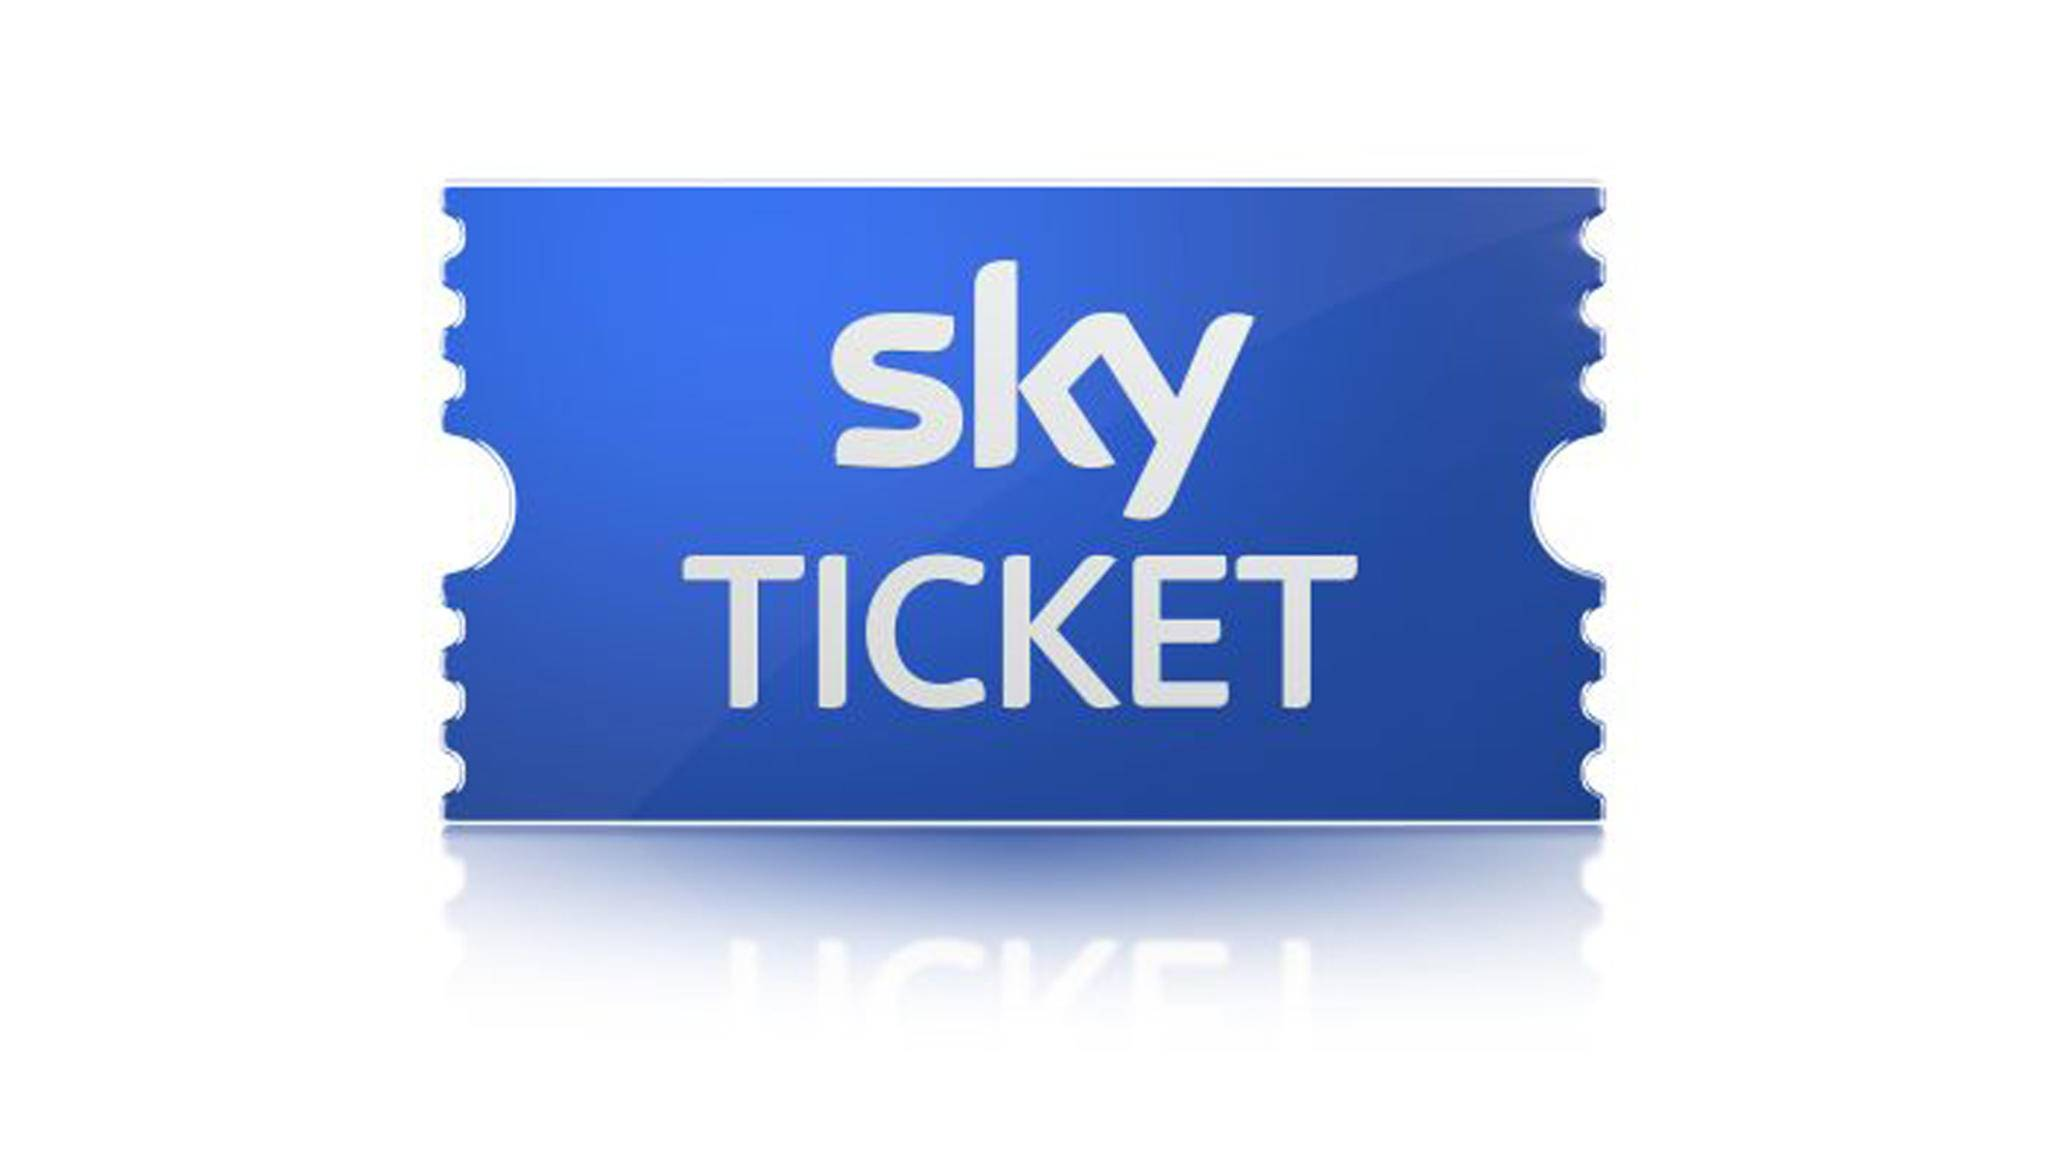 Wenn es um Untertitel geht, hat Sky Ticket noch etwas Nachholbedarf.